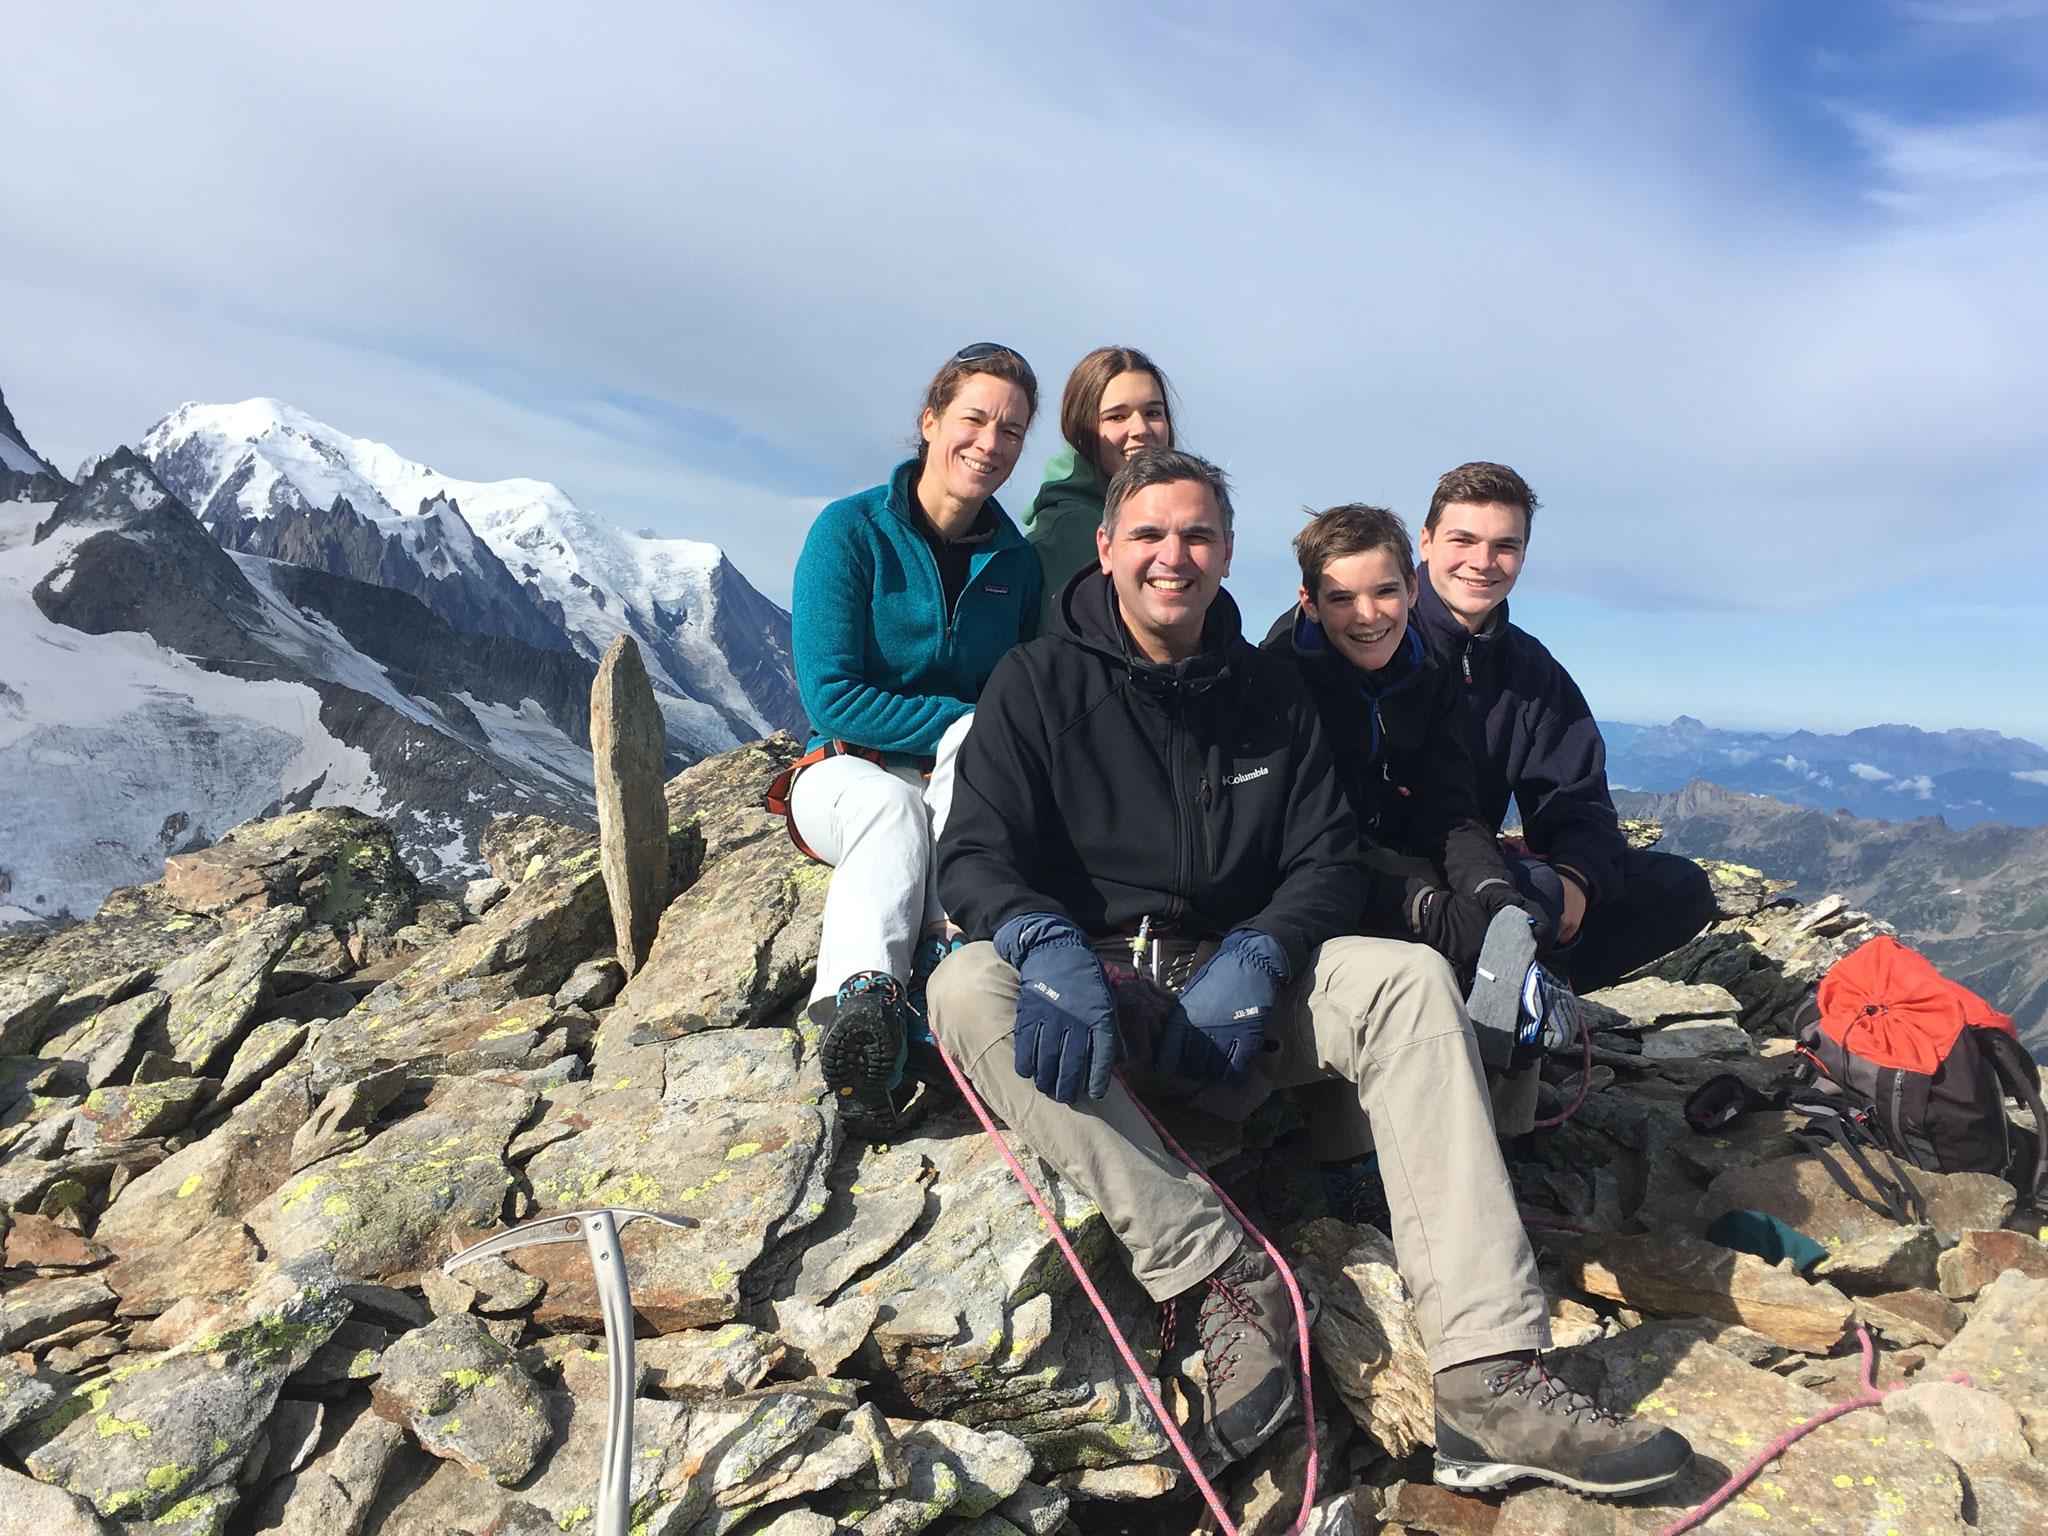 Toute la famille de Priscilla et Nicolas Degand au sommet du Bec Rouge Supérieur